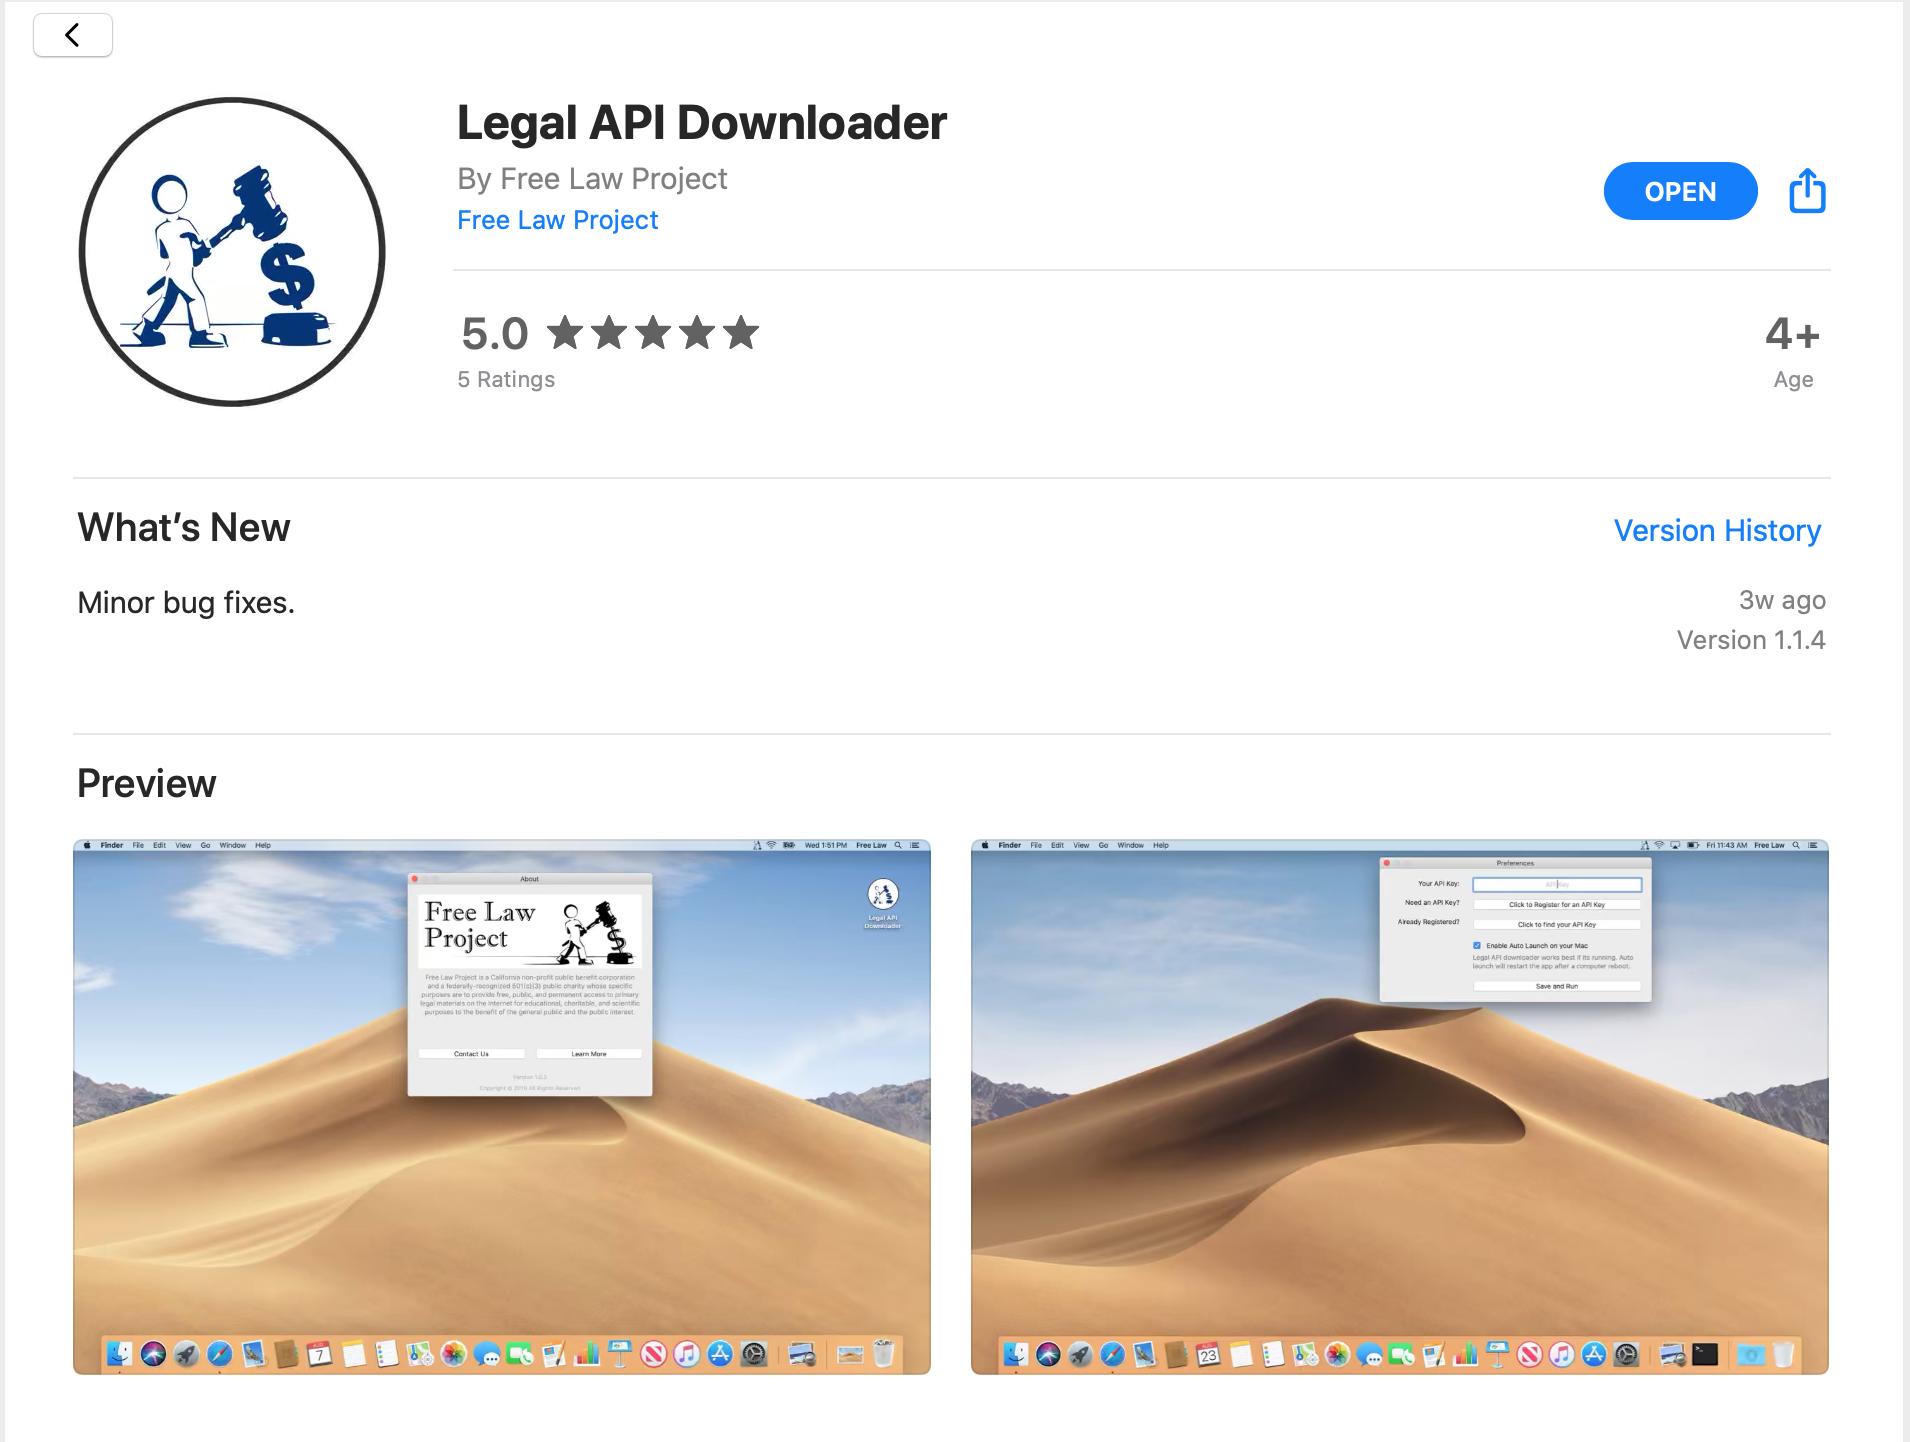 Legal API Downloader Page